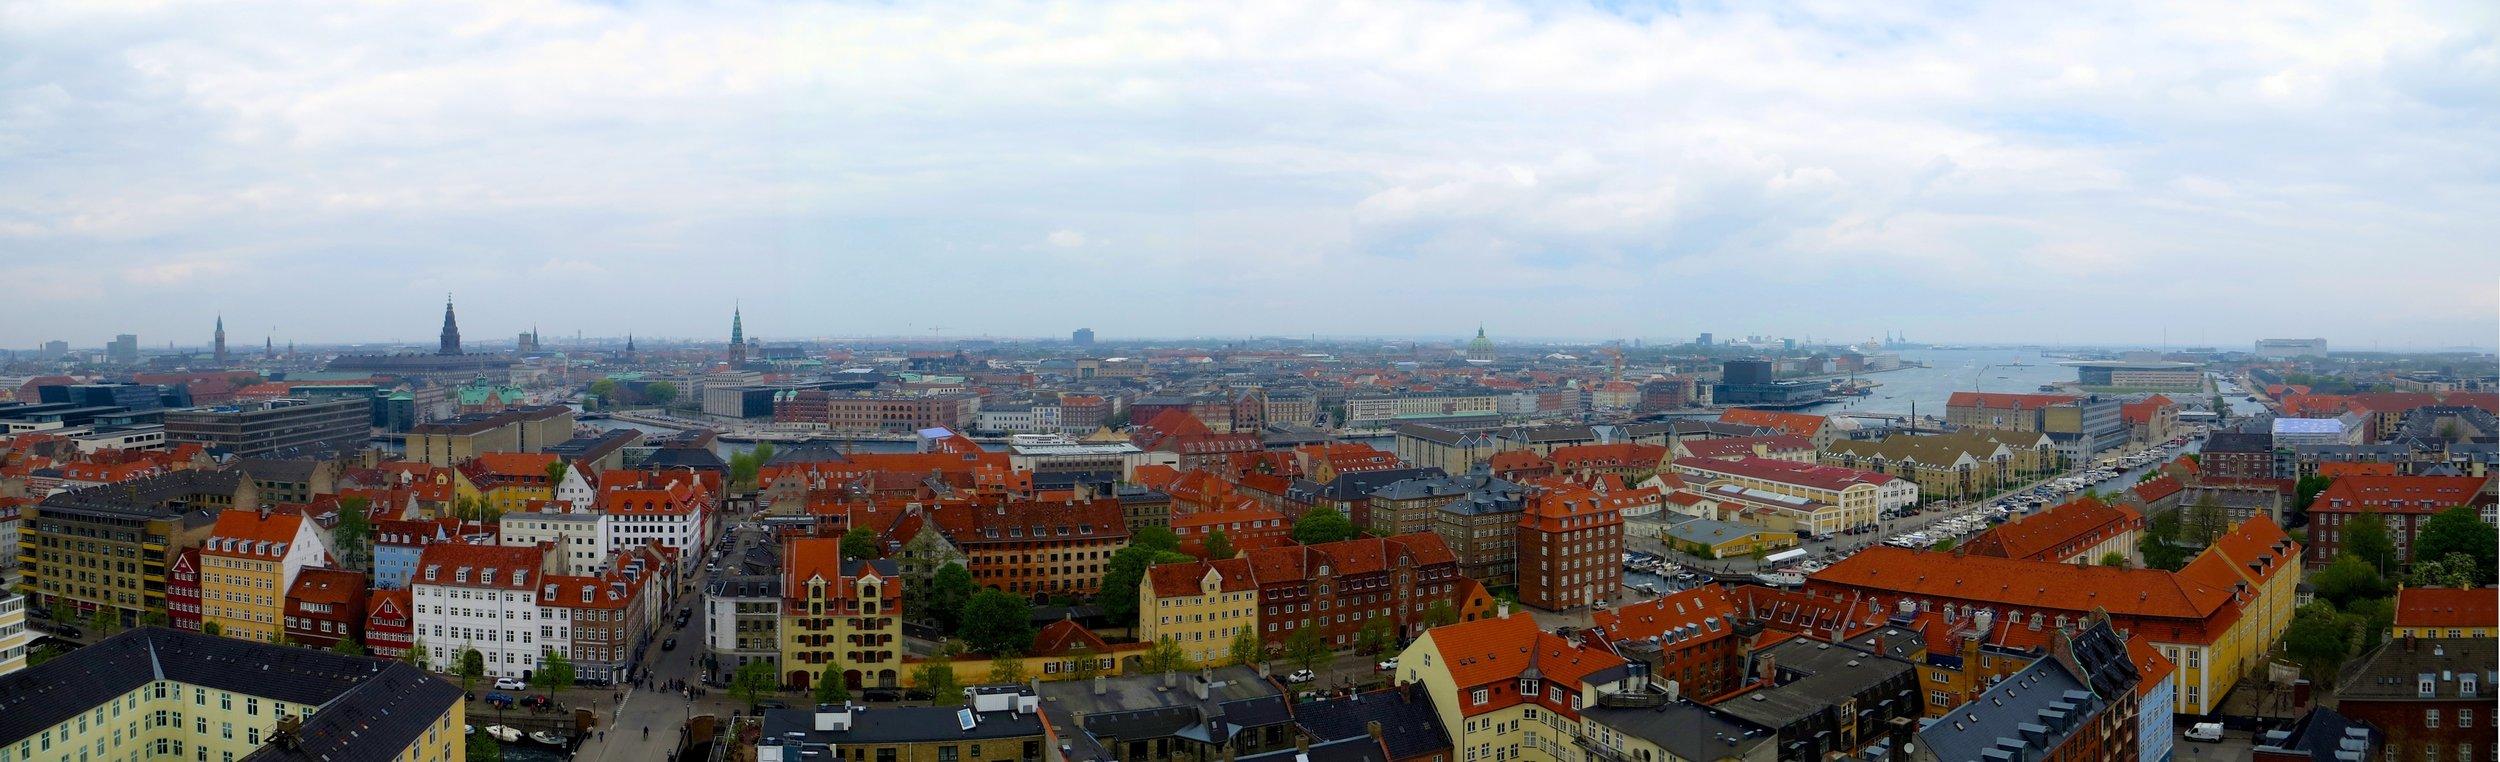 Copenhagen-panorama-from-Vor-Frelsers-Kirke.jpg